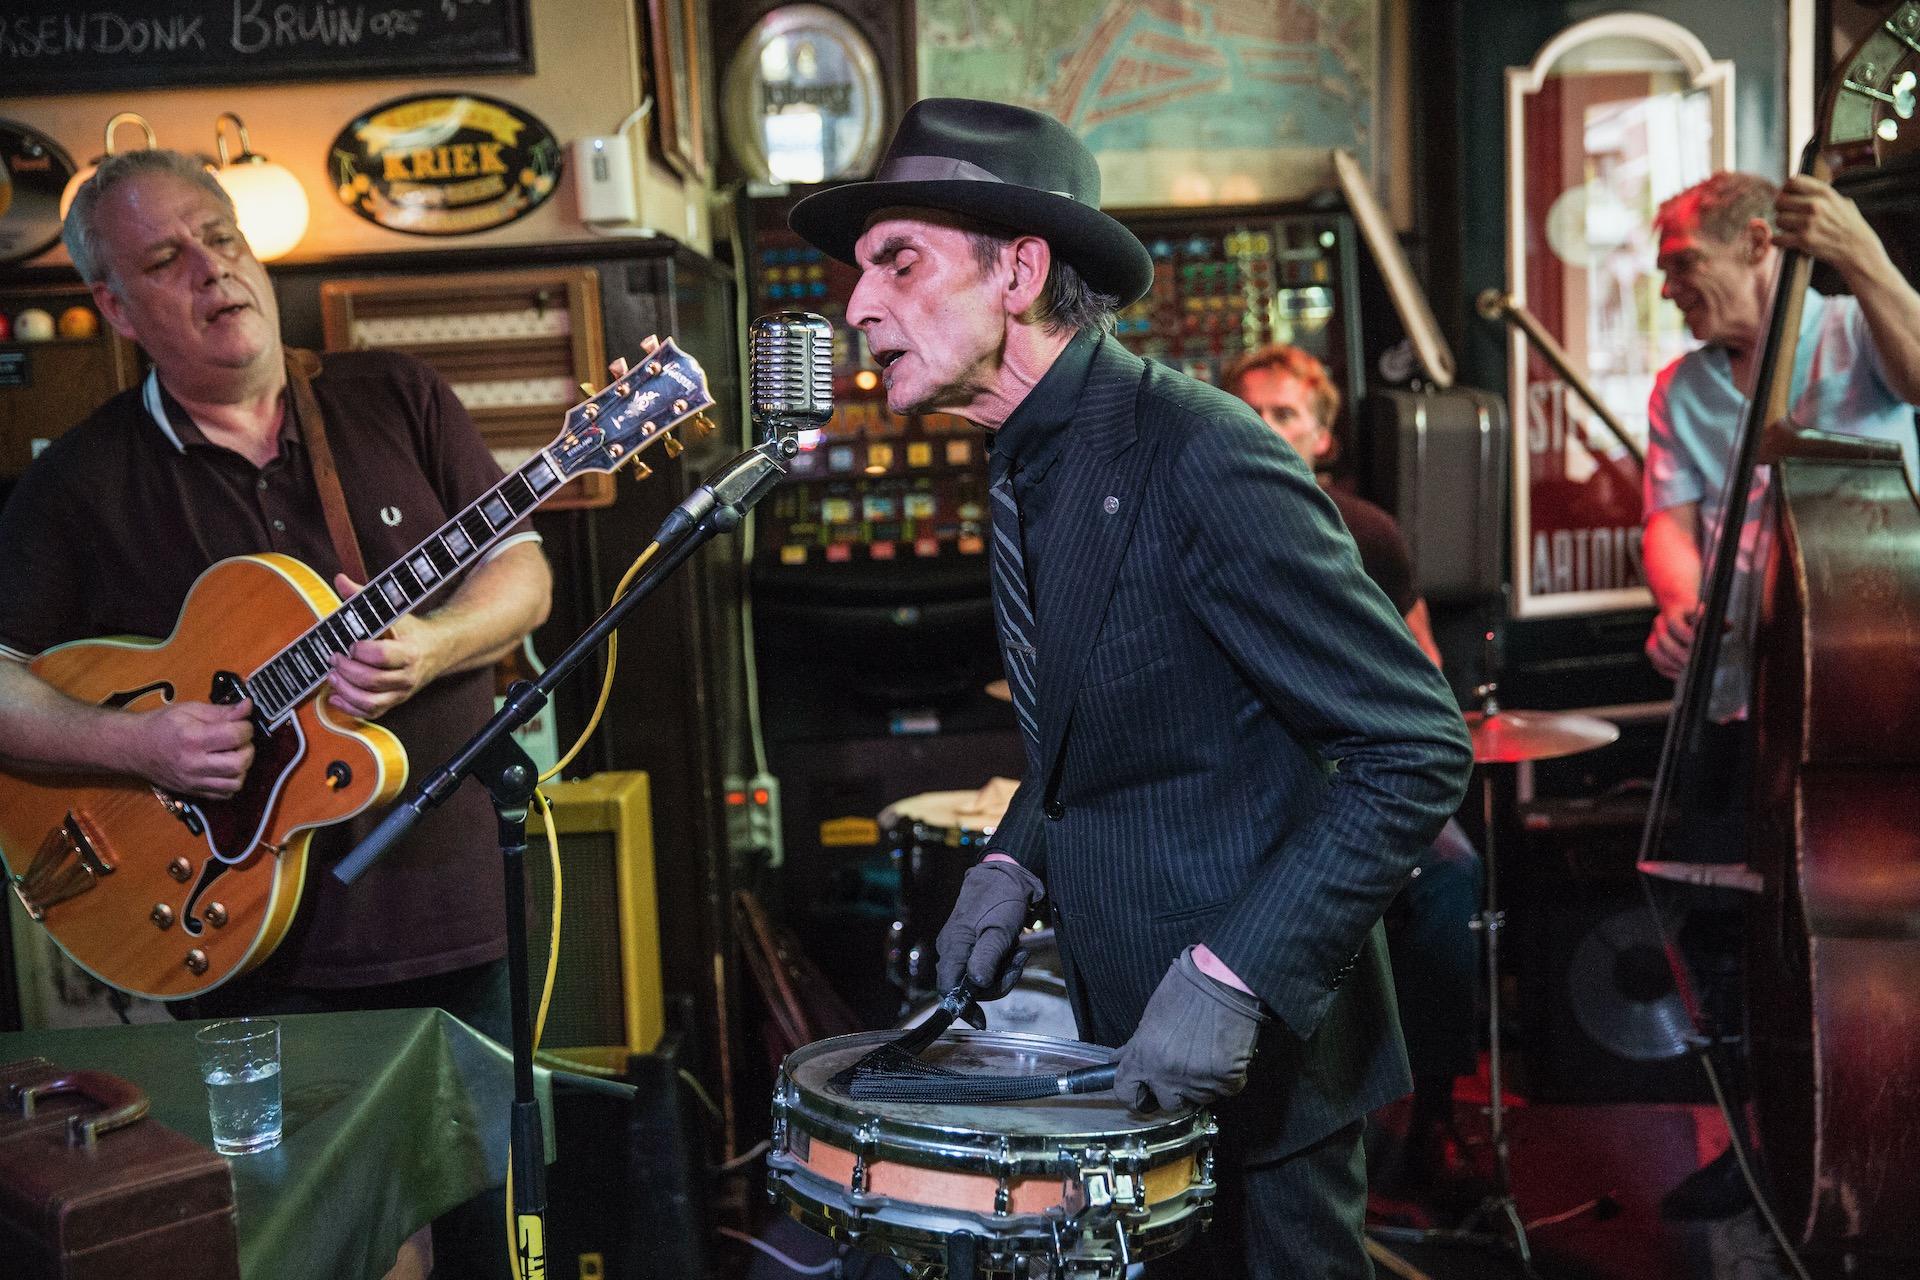 ROTTERDAM - Optreden van Juul Deelder en zijn band in een kroeg in de wijk delfshaven. Jazz muziek is zijn passie.zijn hardgin wordt gepromoot en verkocht 75 € per fles.